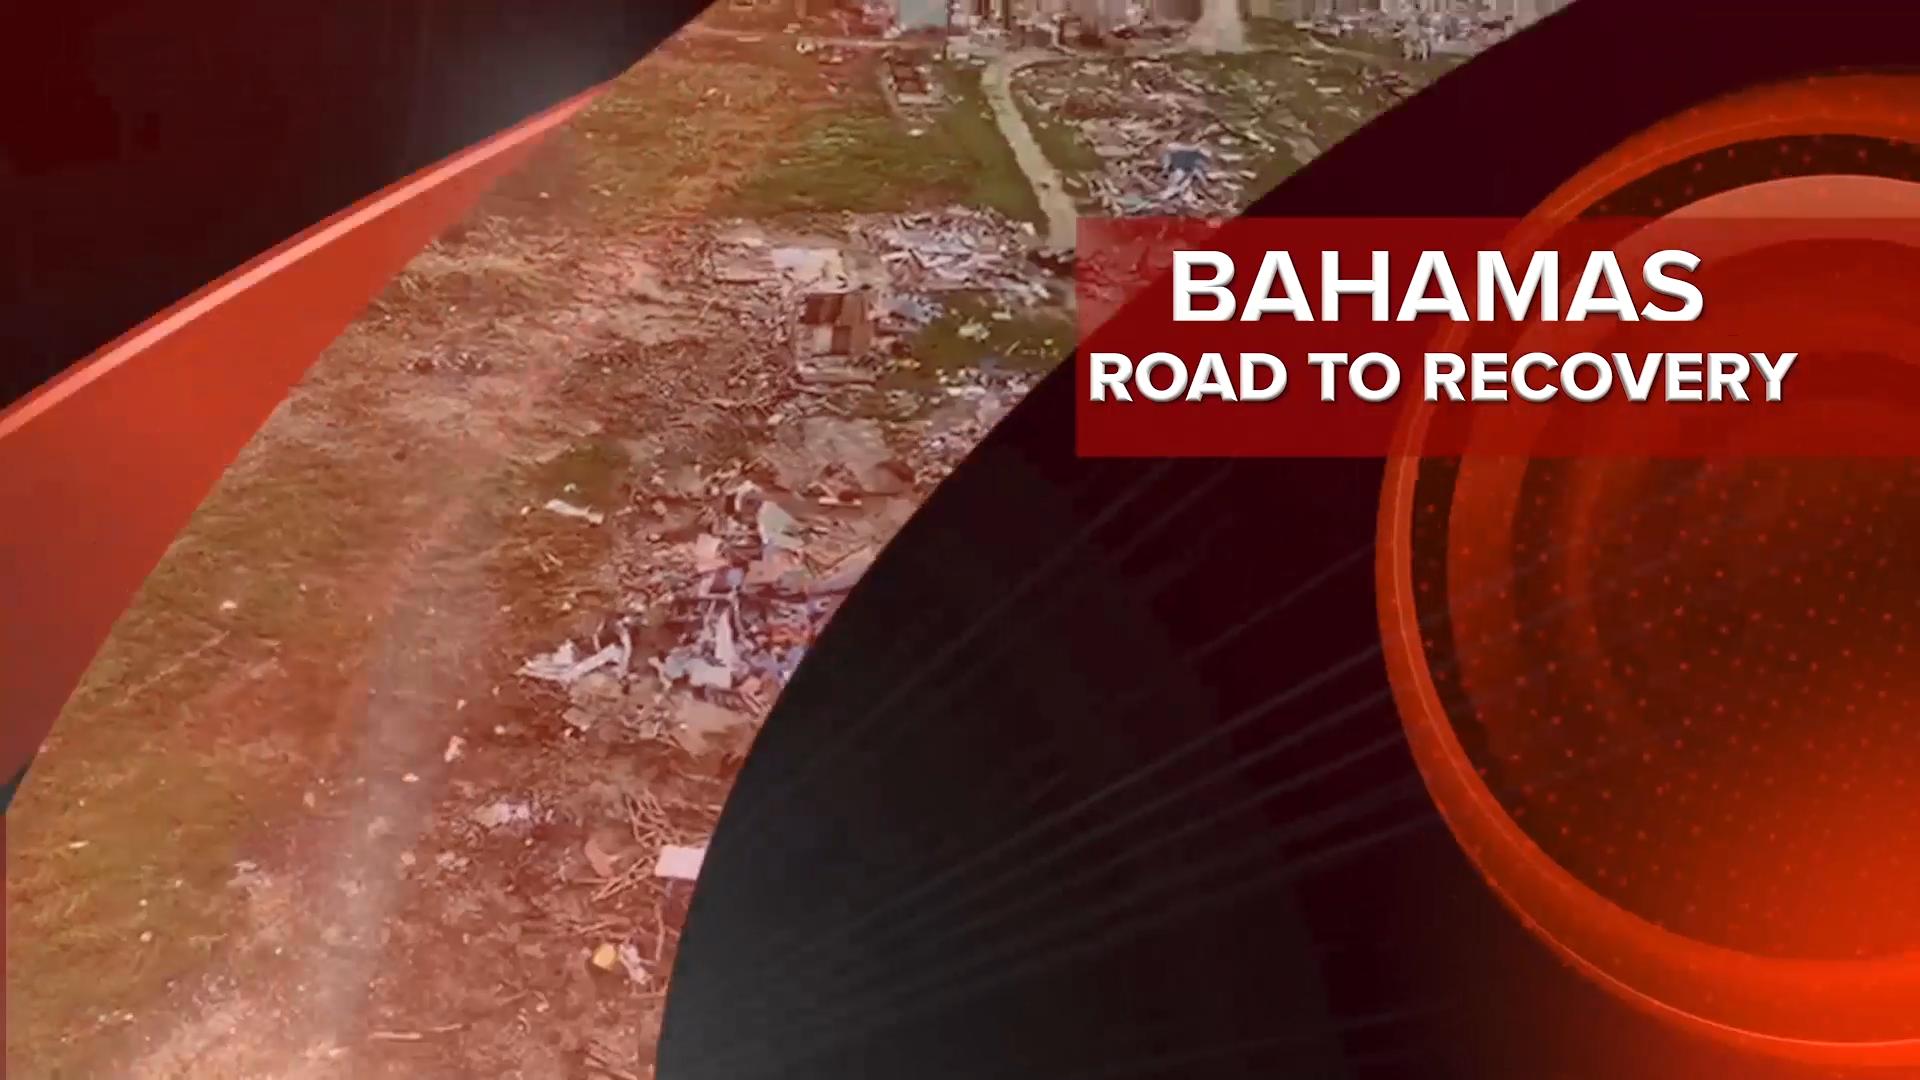 Bahamas: Road to Recovery